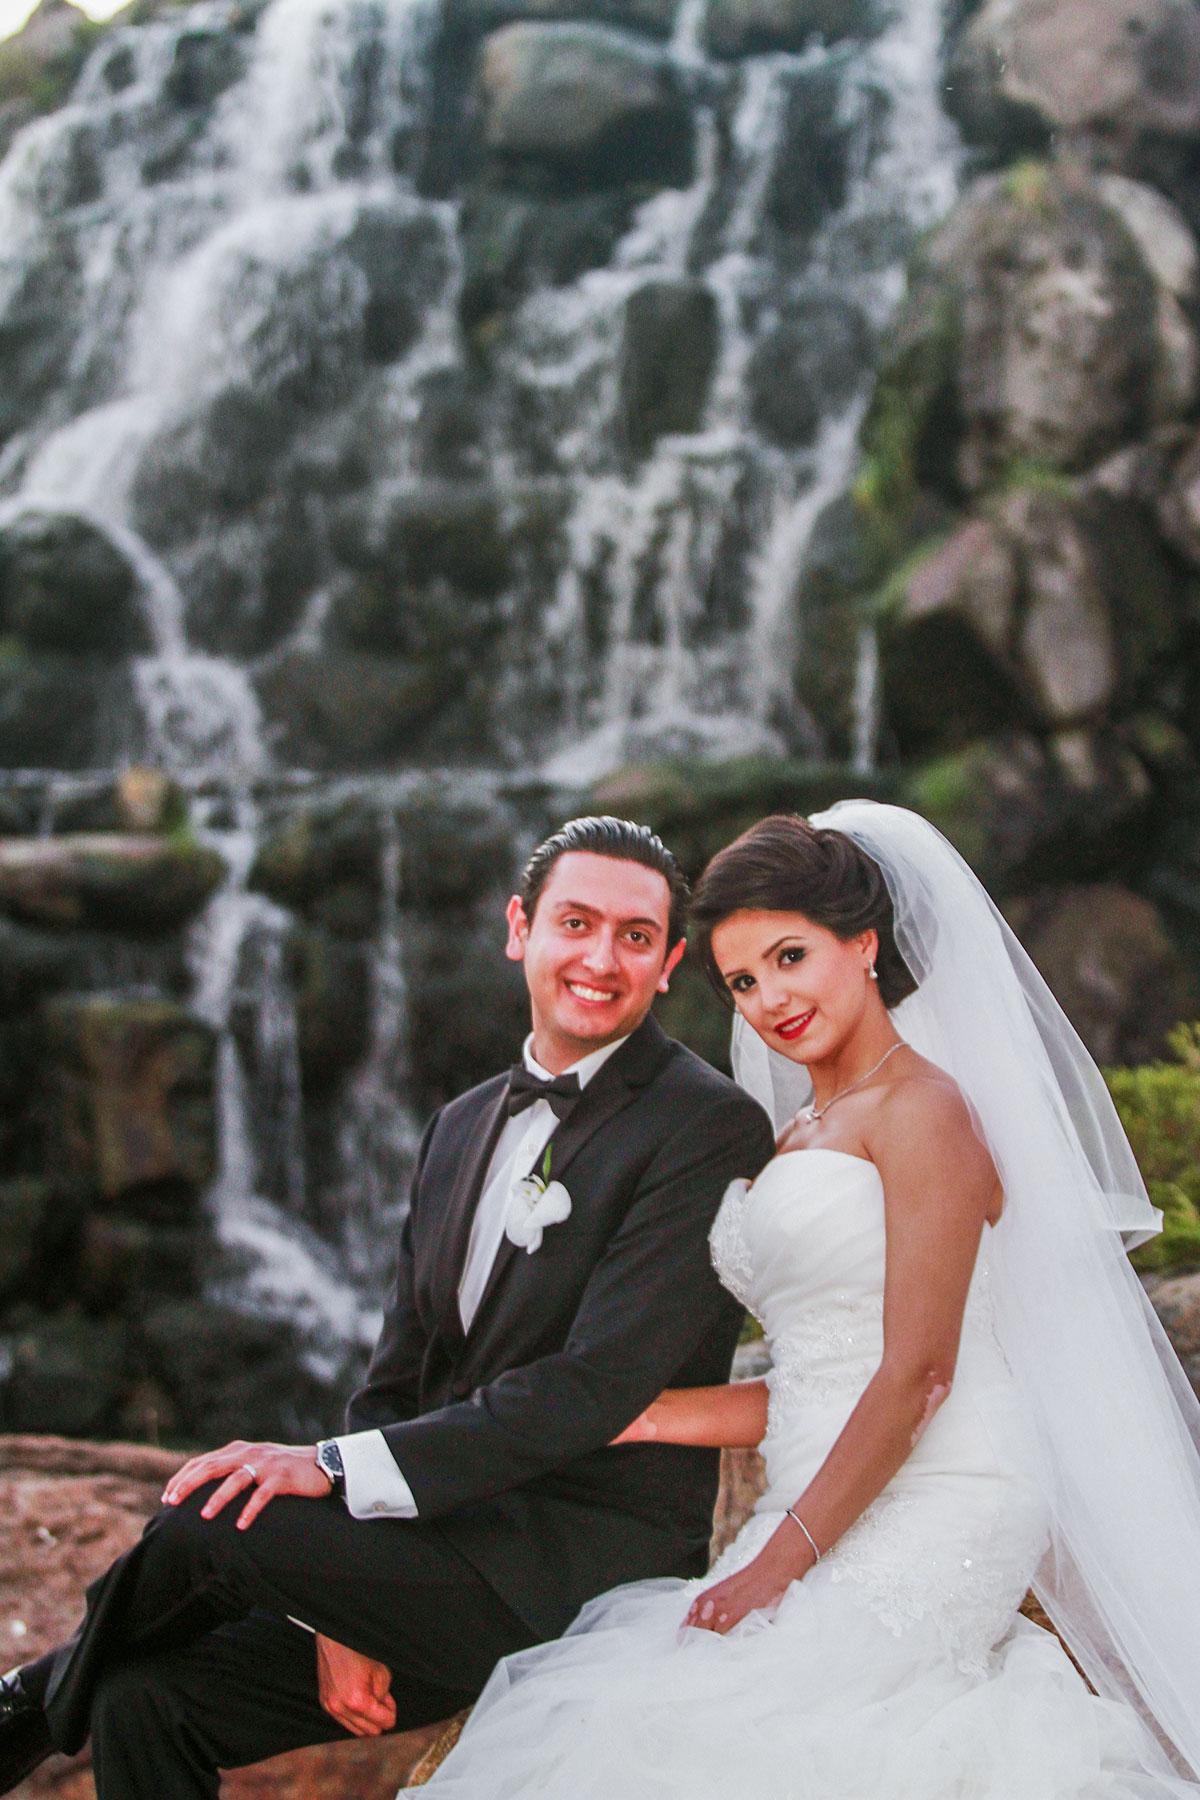 Wedding_Chicago_Ali_Hengameh_009.jpg